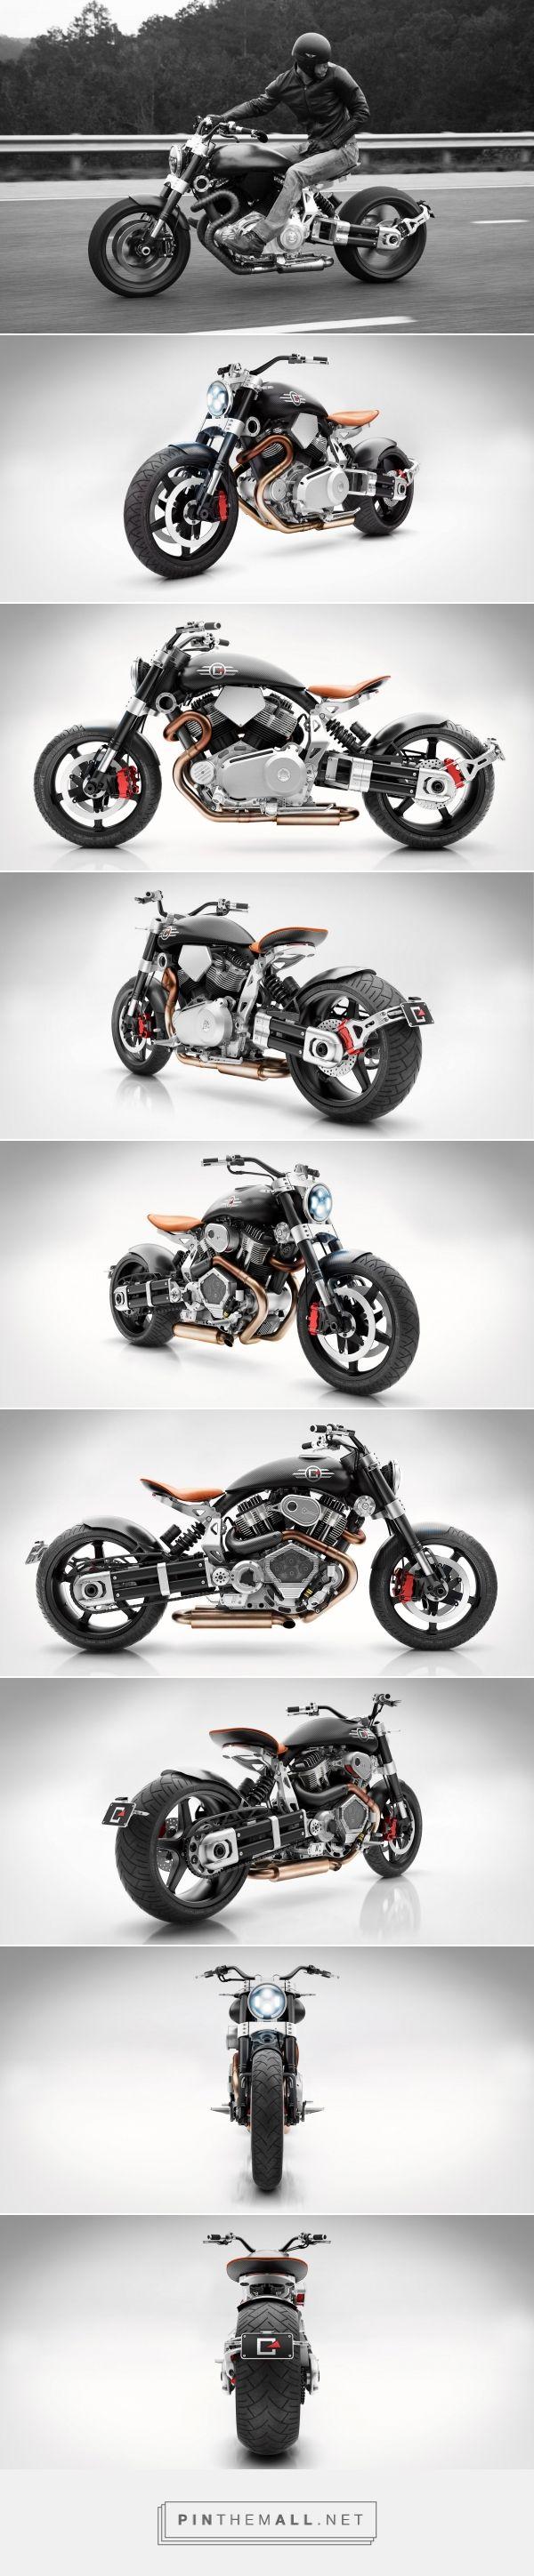 Hellcat | Confederate Motorcycles  Para saber más sobre los coches no olvides visitar marcasdecoches.org